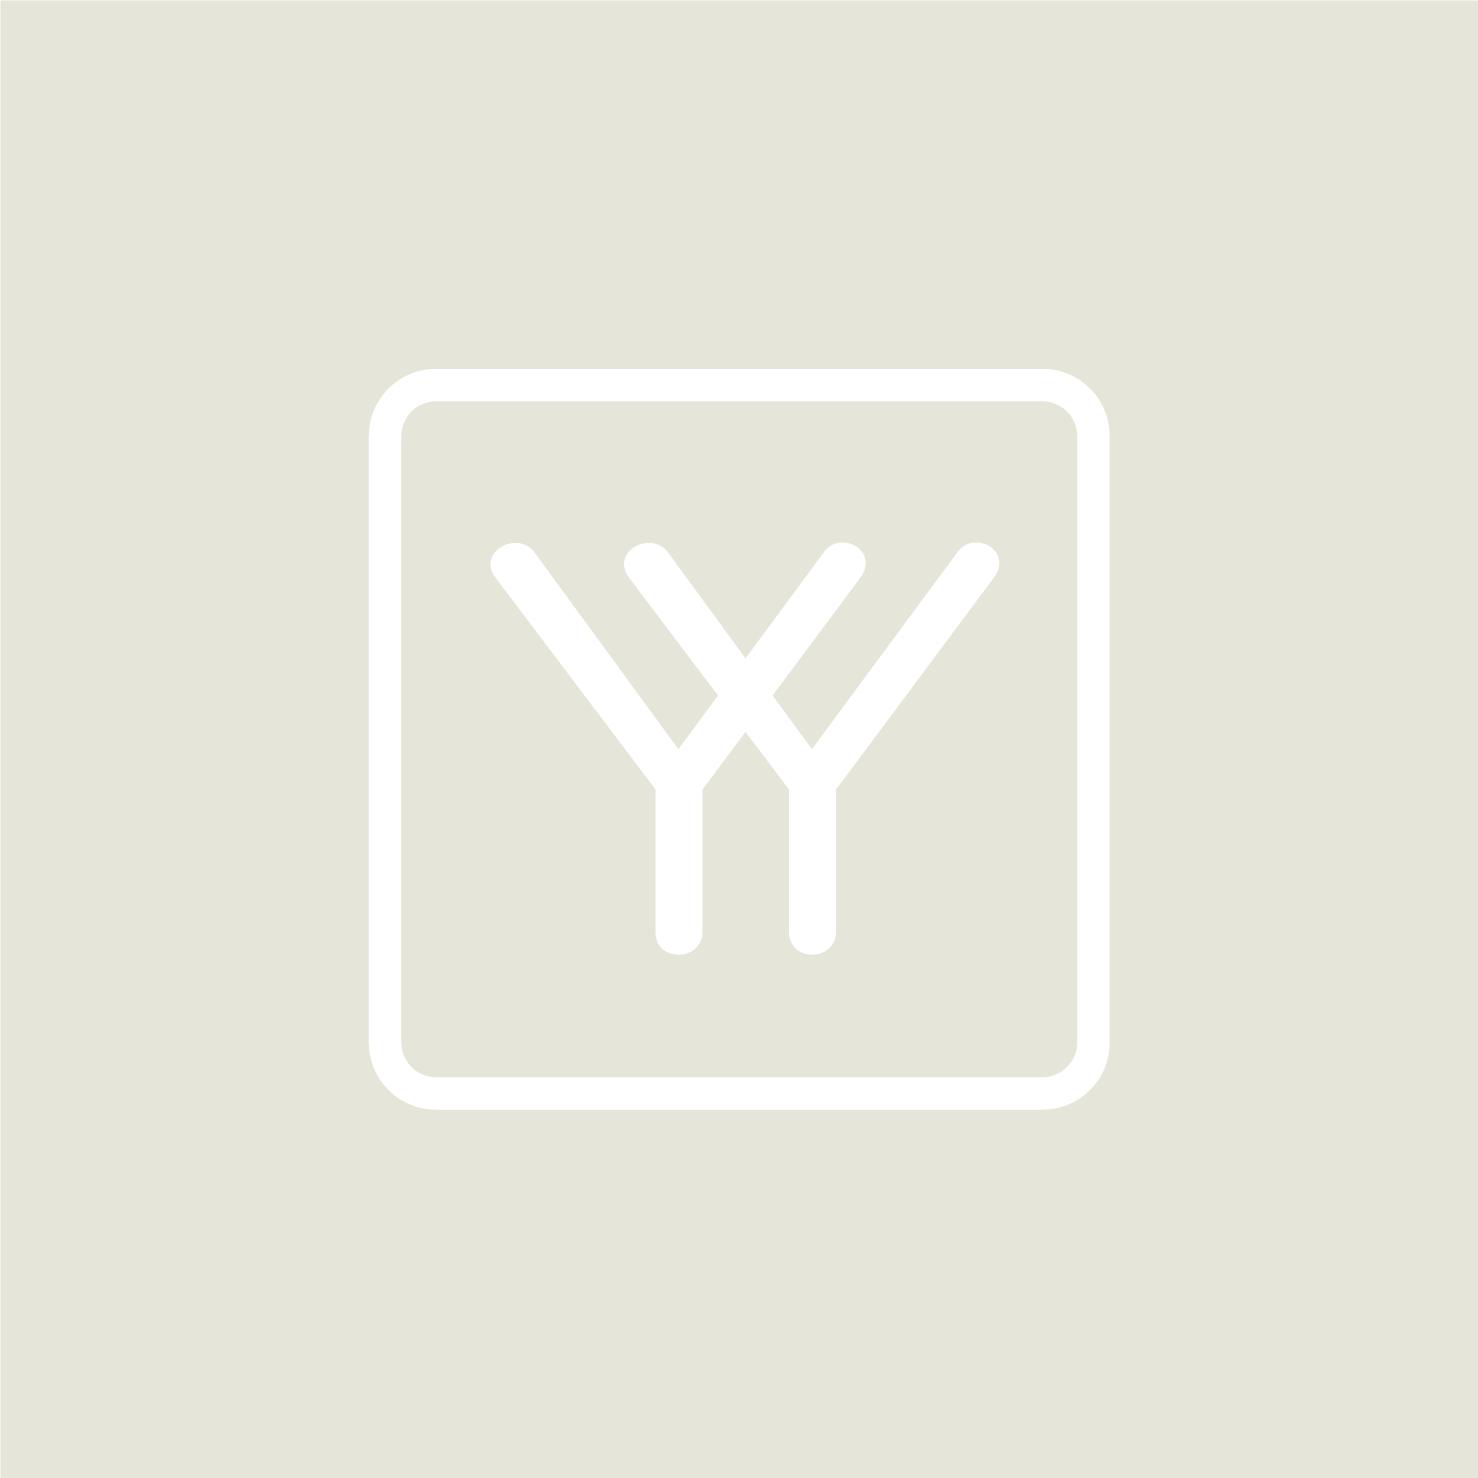 Youth_Yarrow_StyleBoard-06.jpg